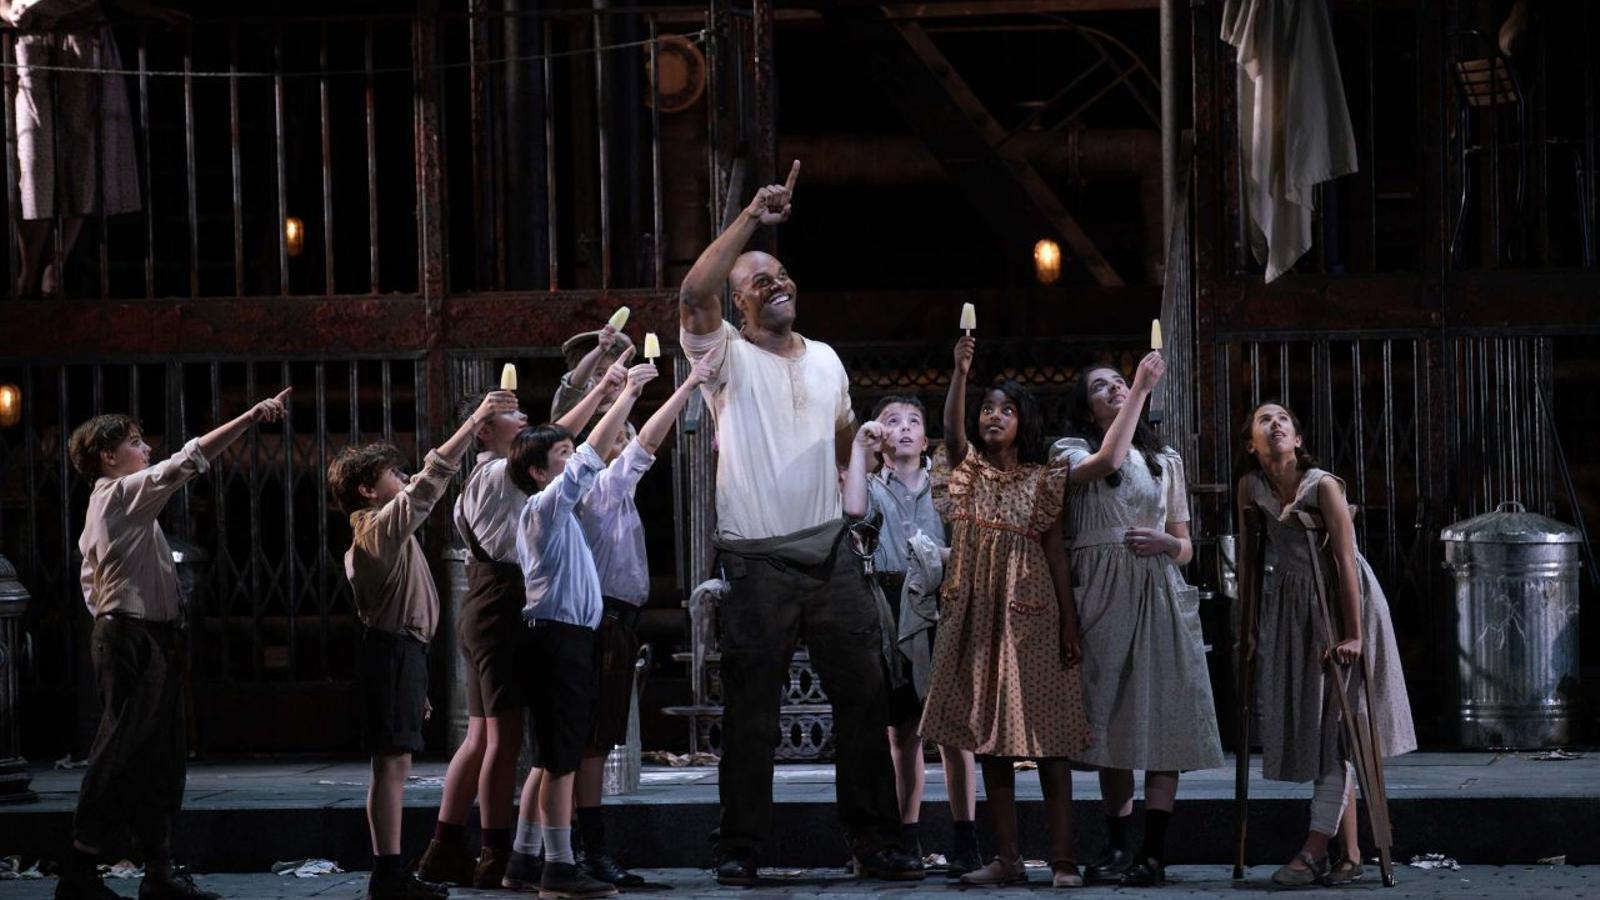 La Unió d'Actors denuncia la feina de figurants que treballen gratis al Teatro Real de Madrid